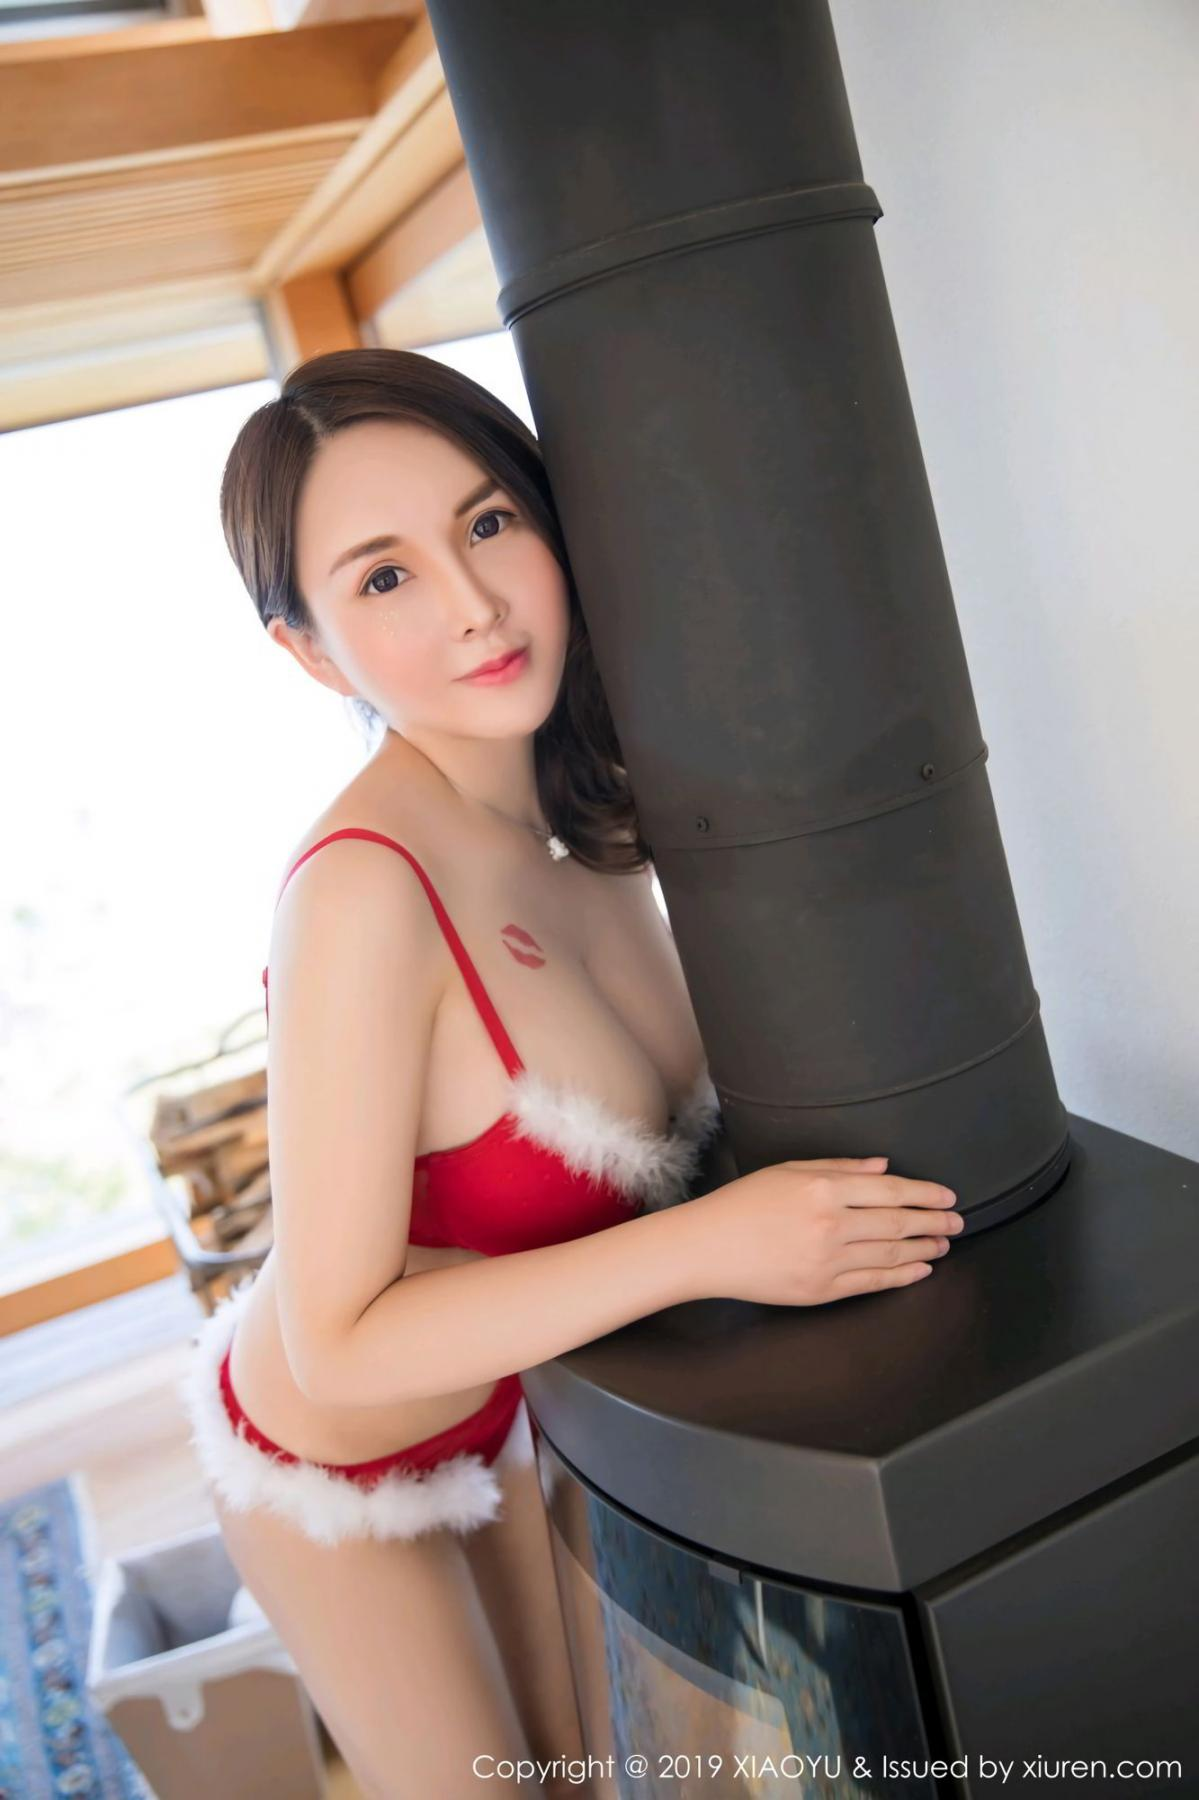 [XiaoYu] Vol.137 Shen Mi Tao 35P, Kimono, Shen Mi Tao, Underwear, XiaoYu